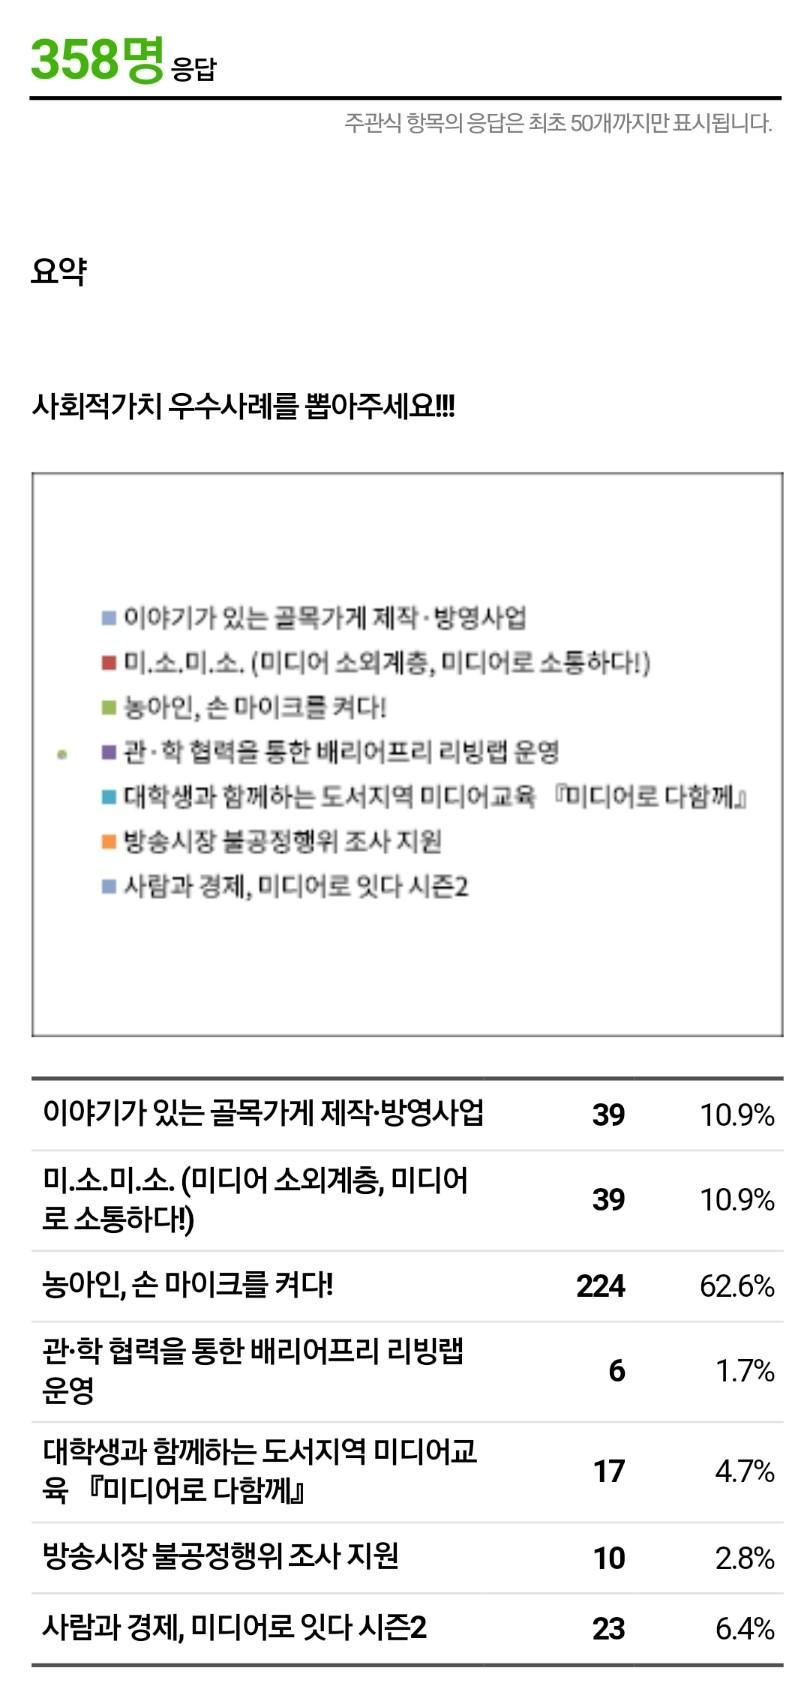 국민투표 결과 캡쳐2.jpg